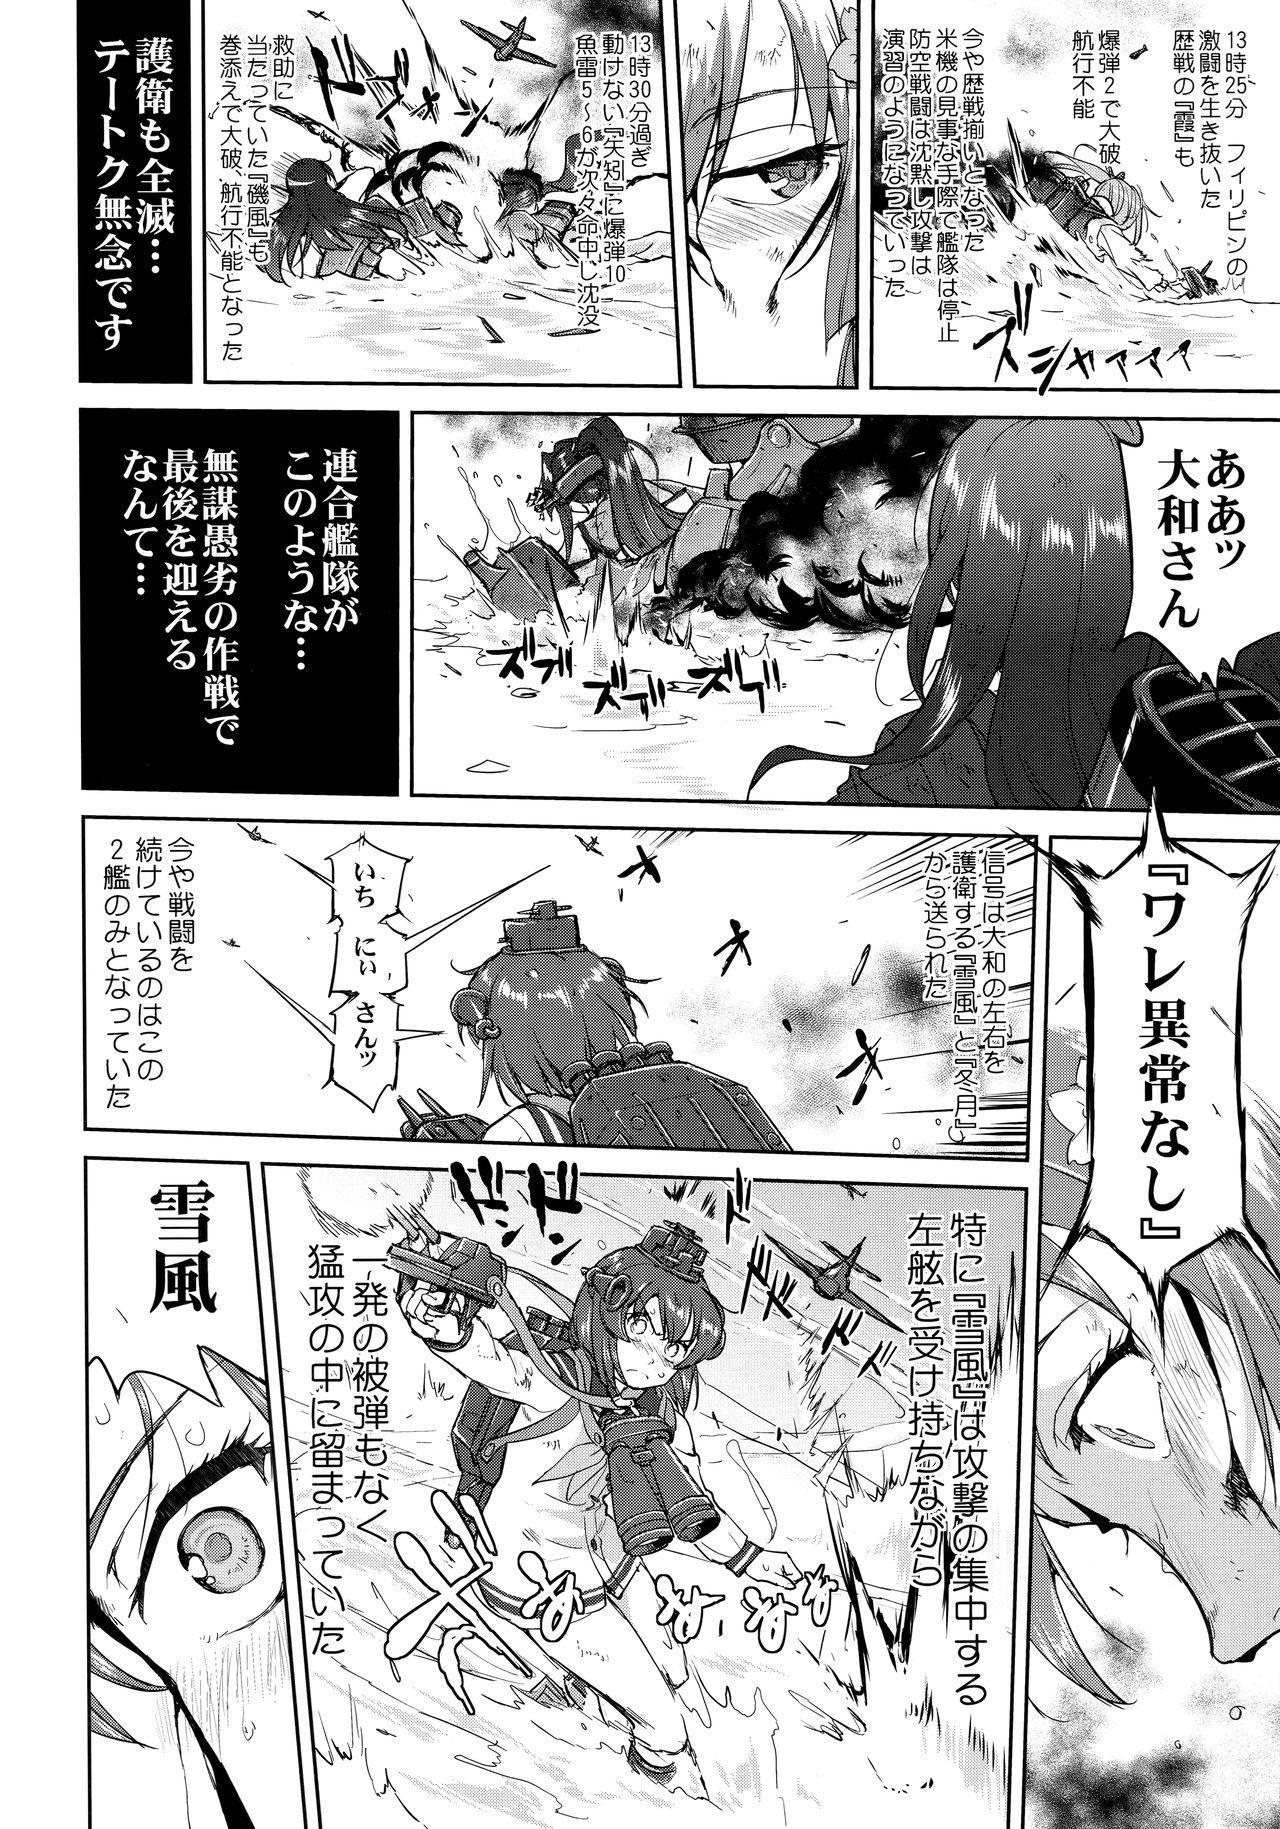 Teitoku no Ketsudan Kanmusu no Ichiban Nagai Hi 14